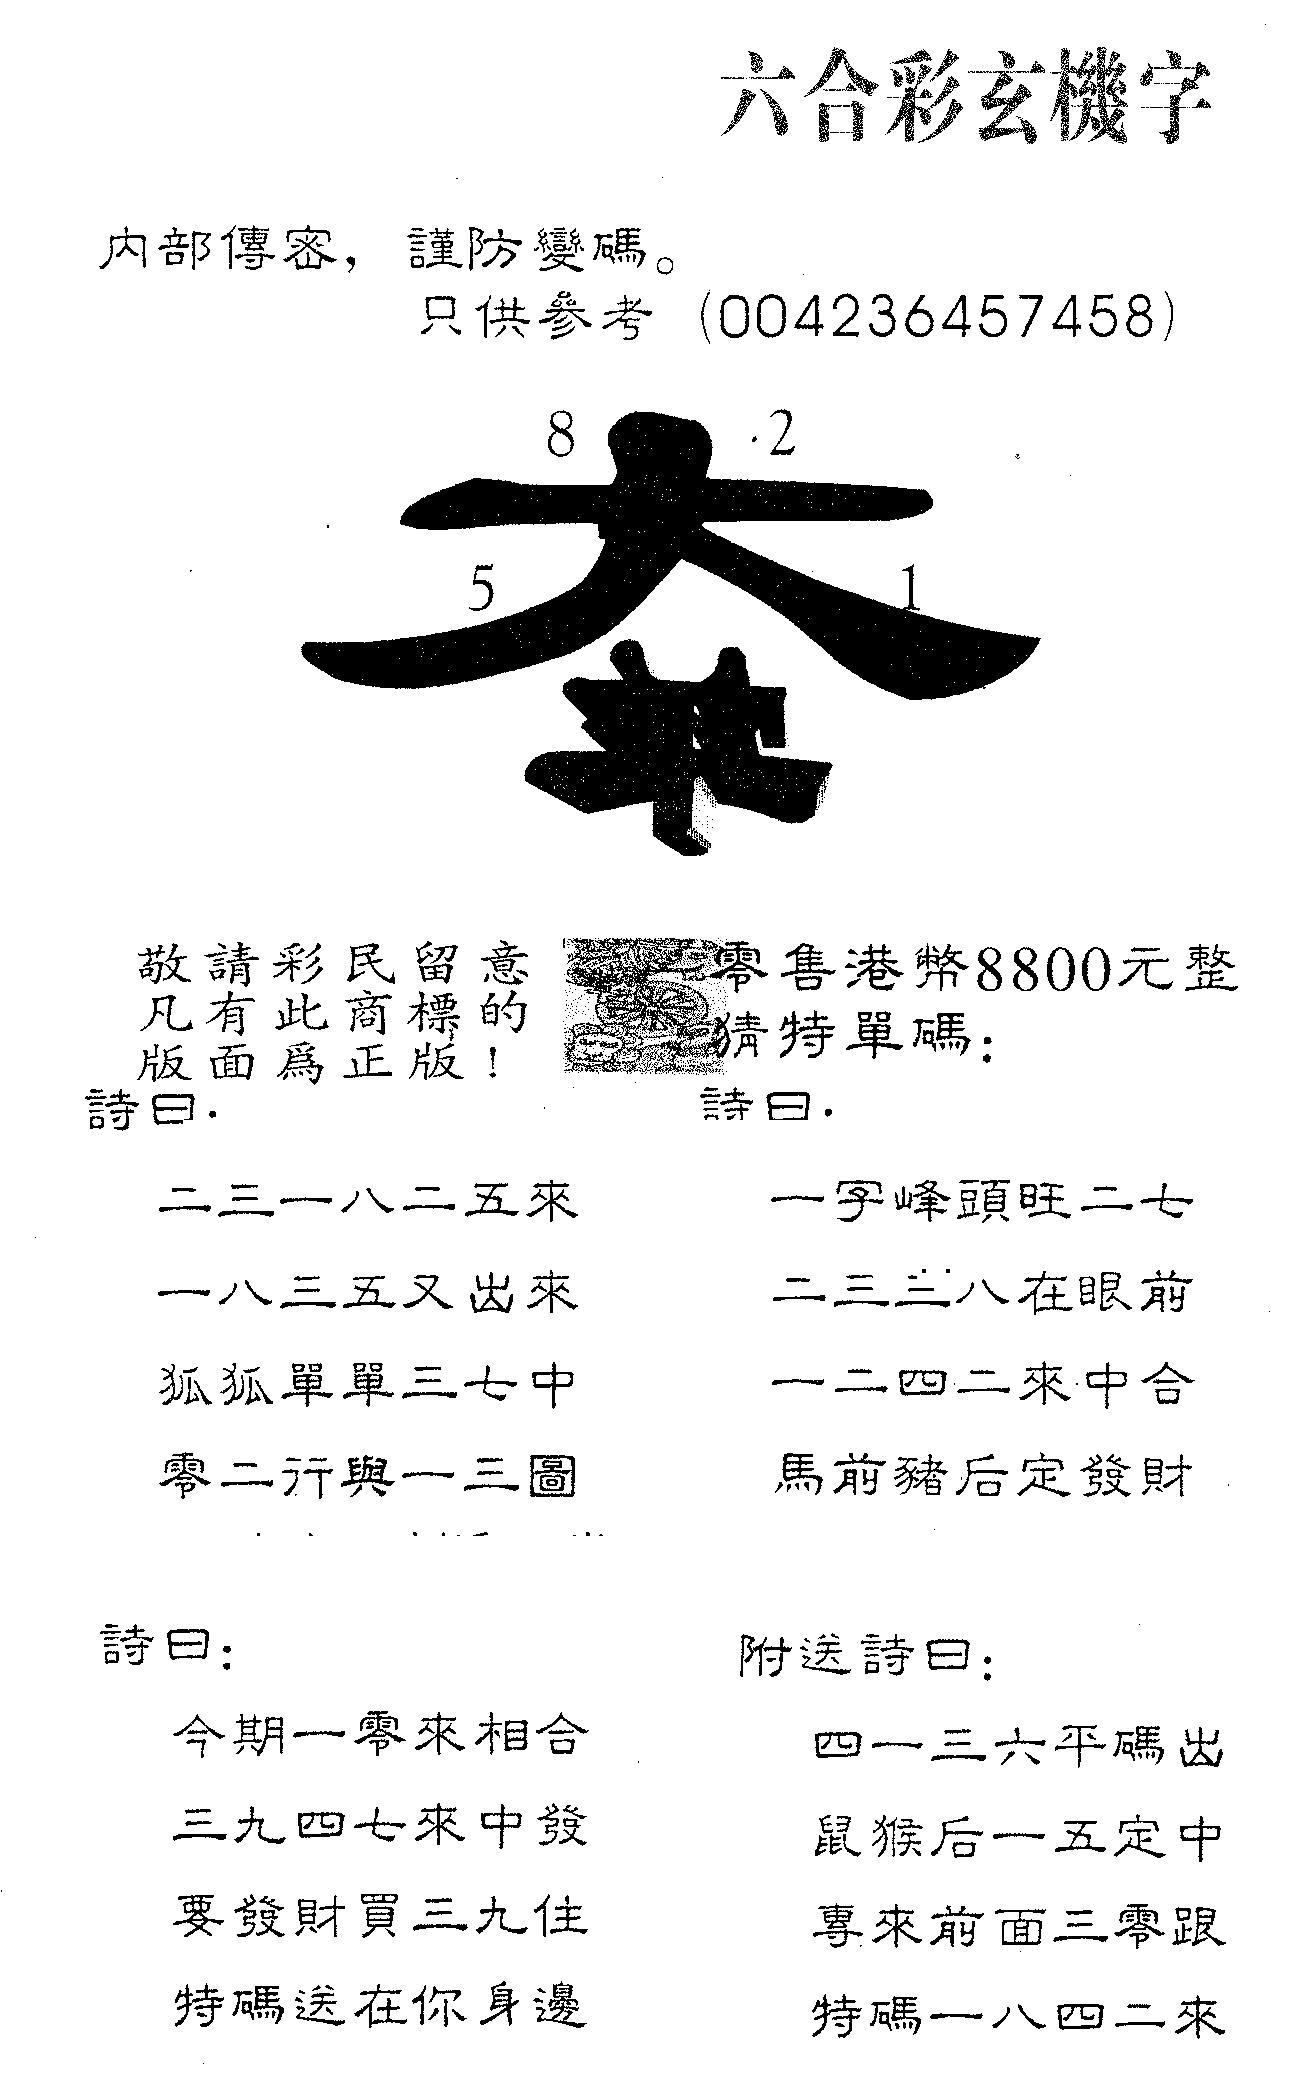 067期玄机字8800(黑白)